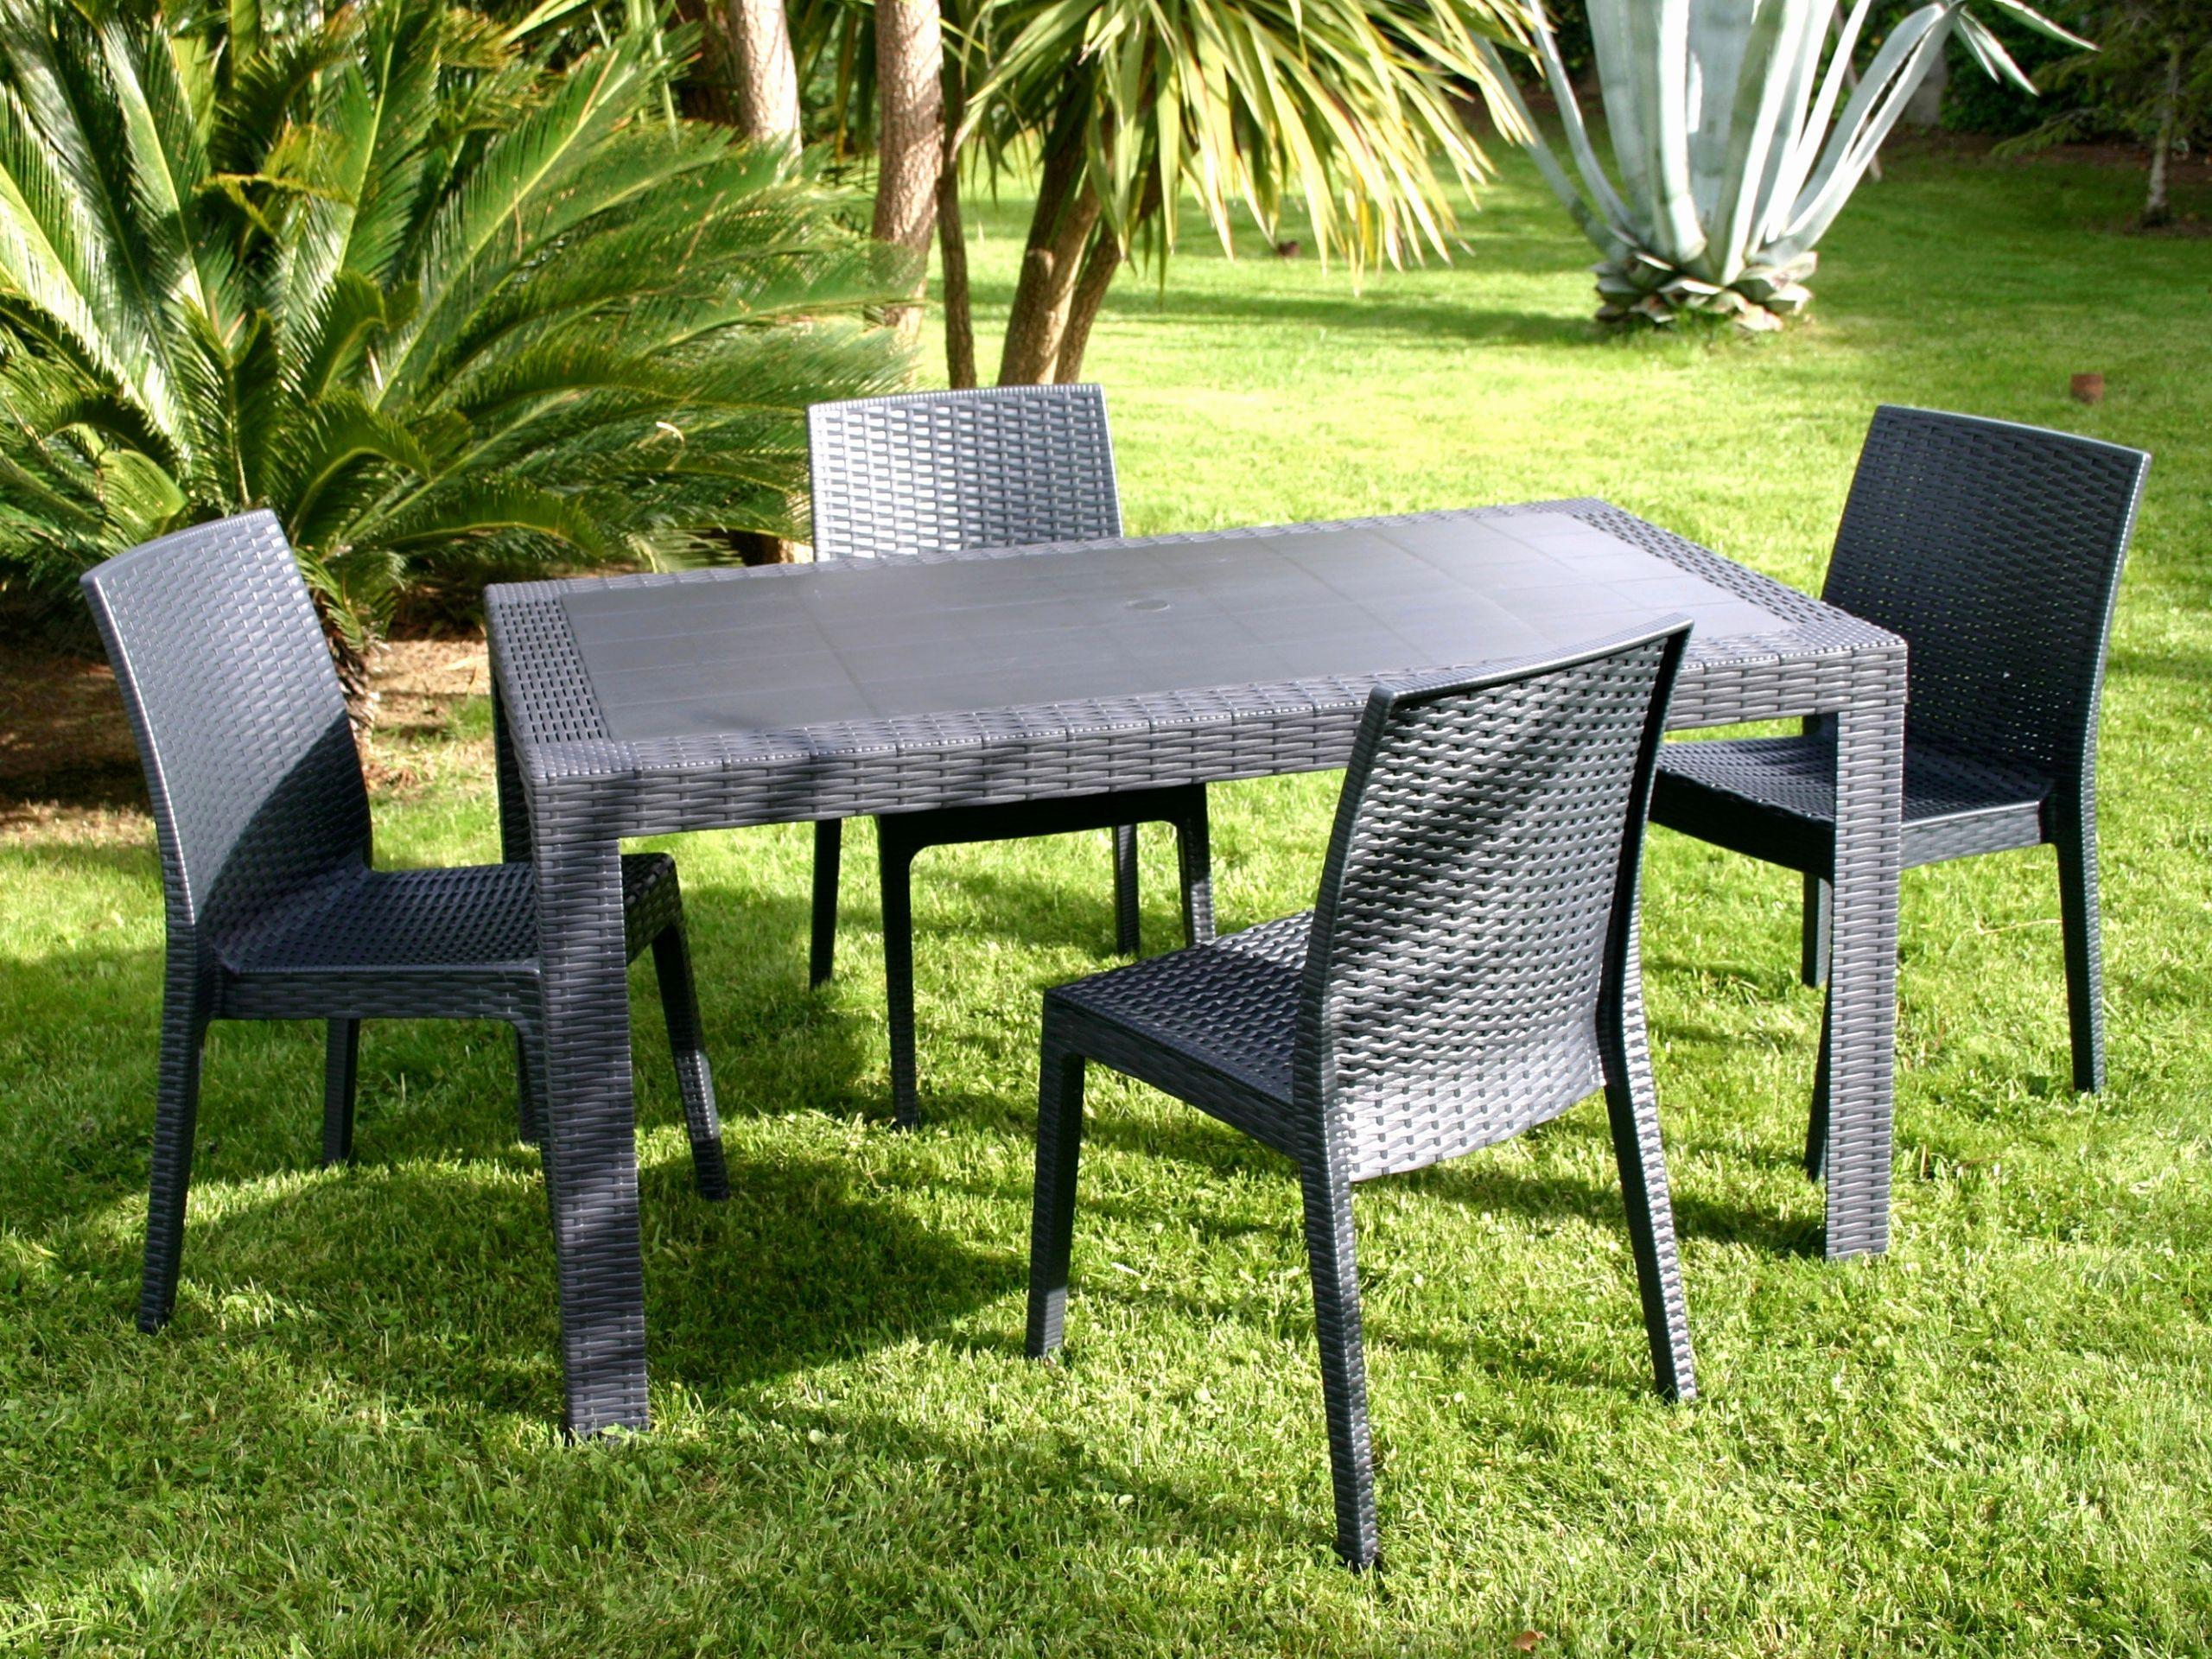 Table Exterieur Carrefour Best Of Catalogue Carrefour Abris ... pour Salon De Jardin Resine Carrefour